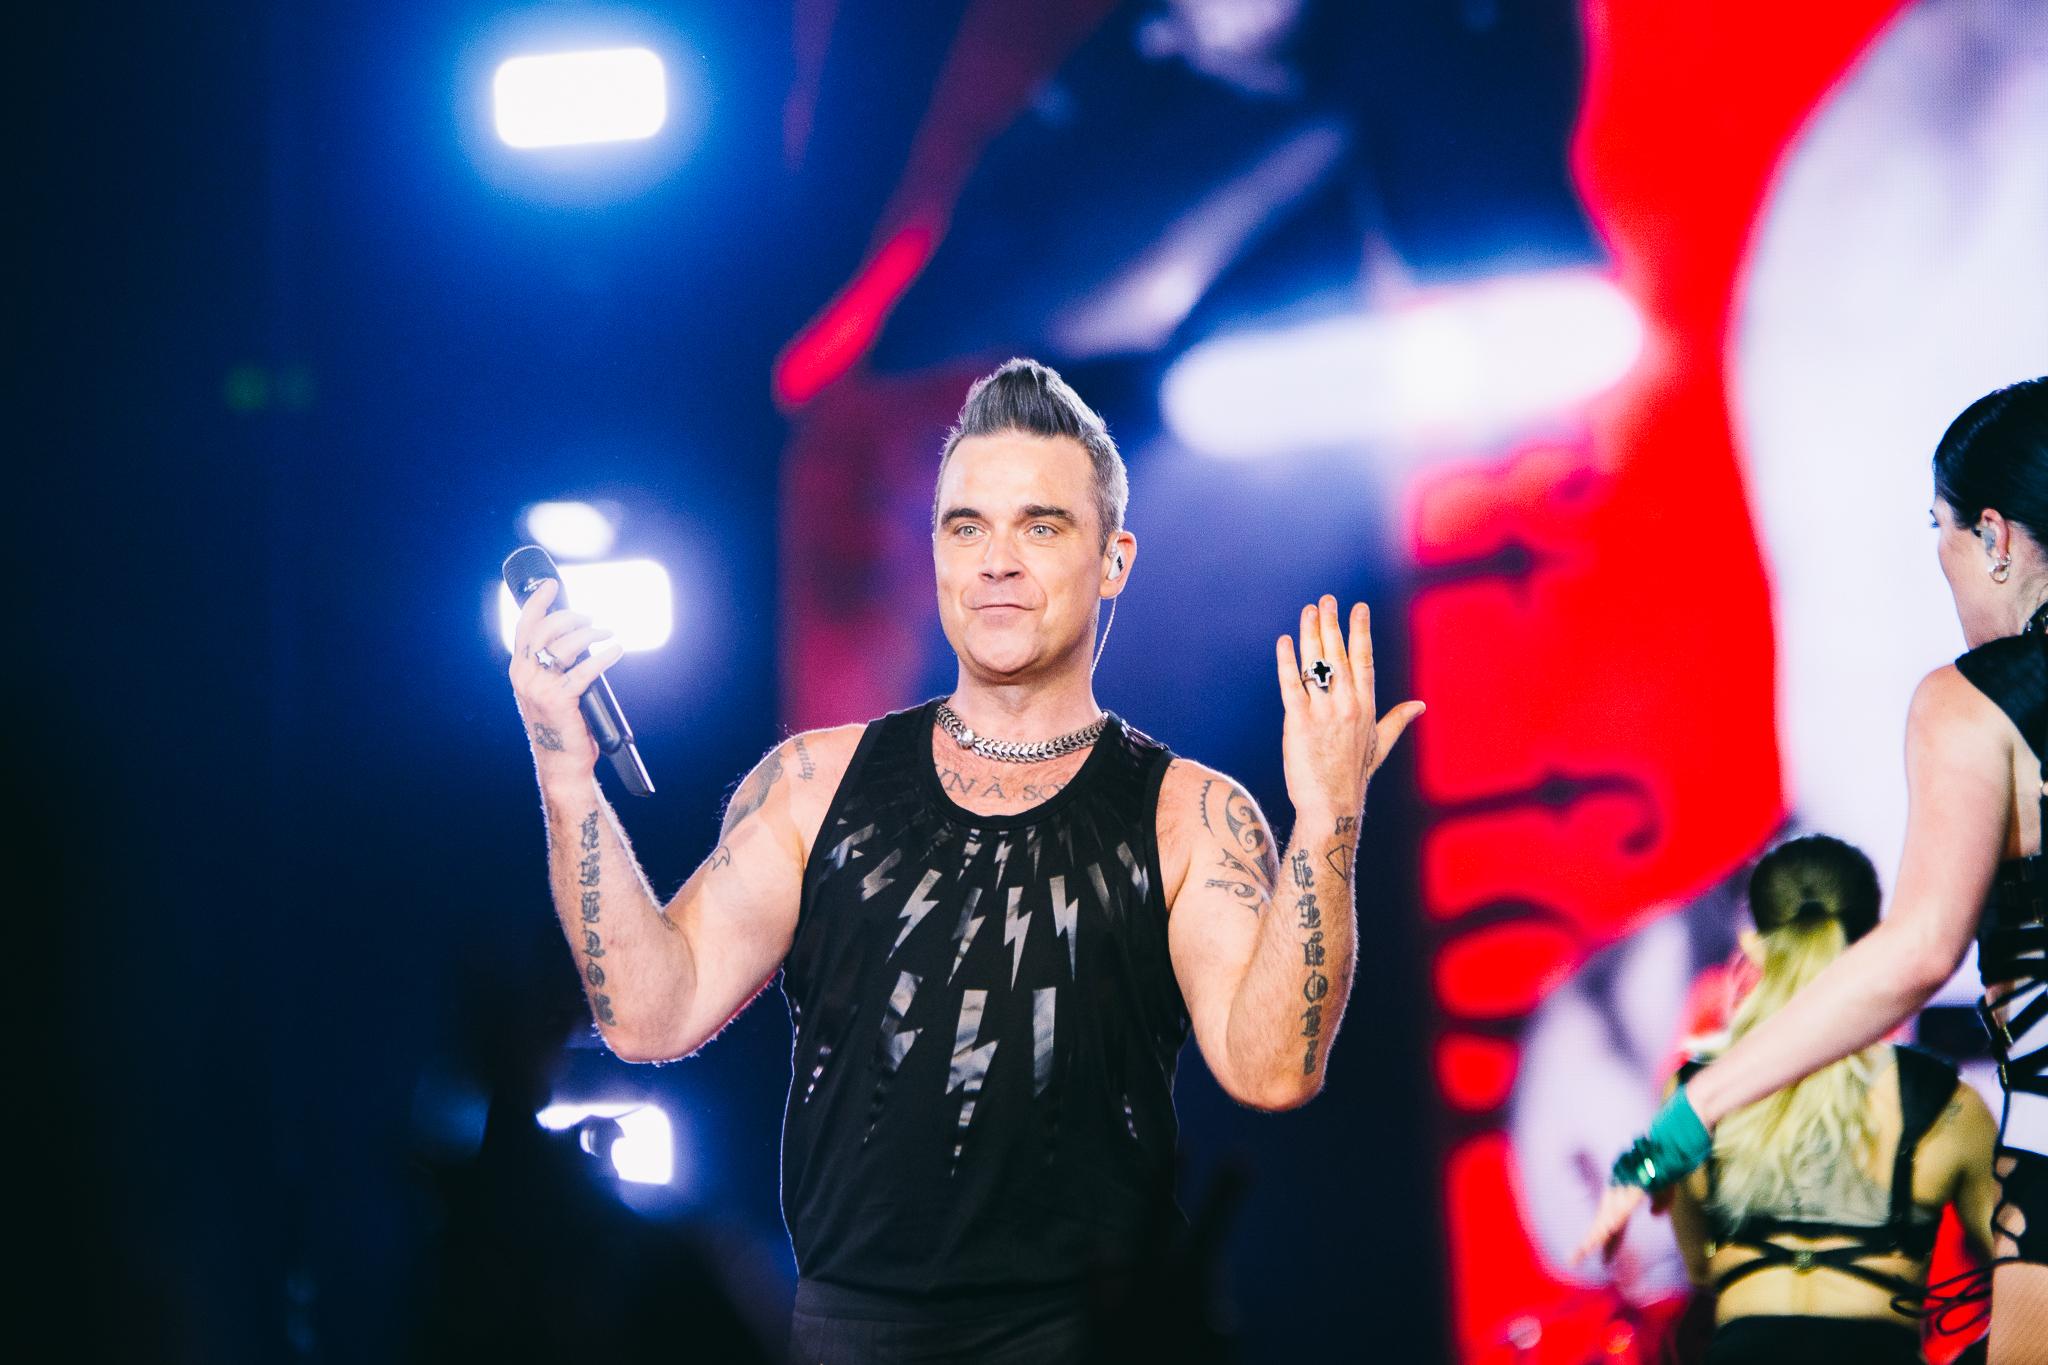 Robbie Williams_Brisbane Entertainment Centre_Bianca Holderness_20-02-19.jpg